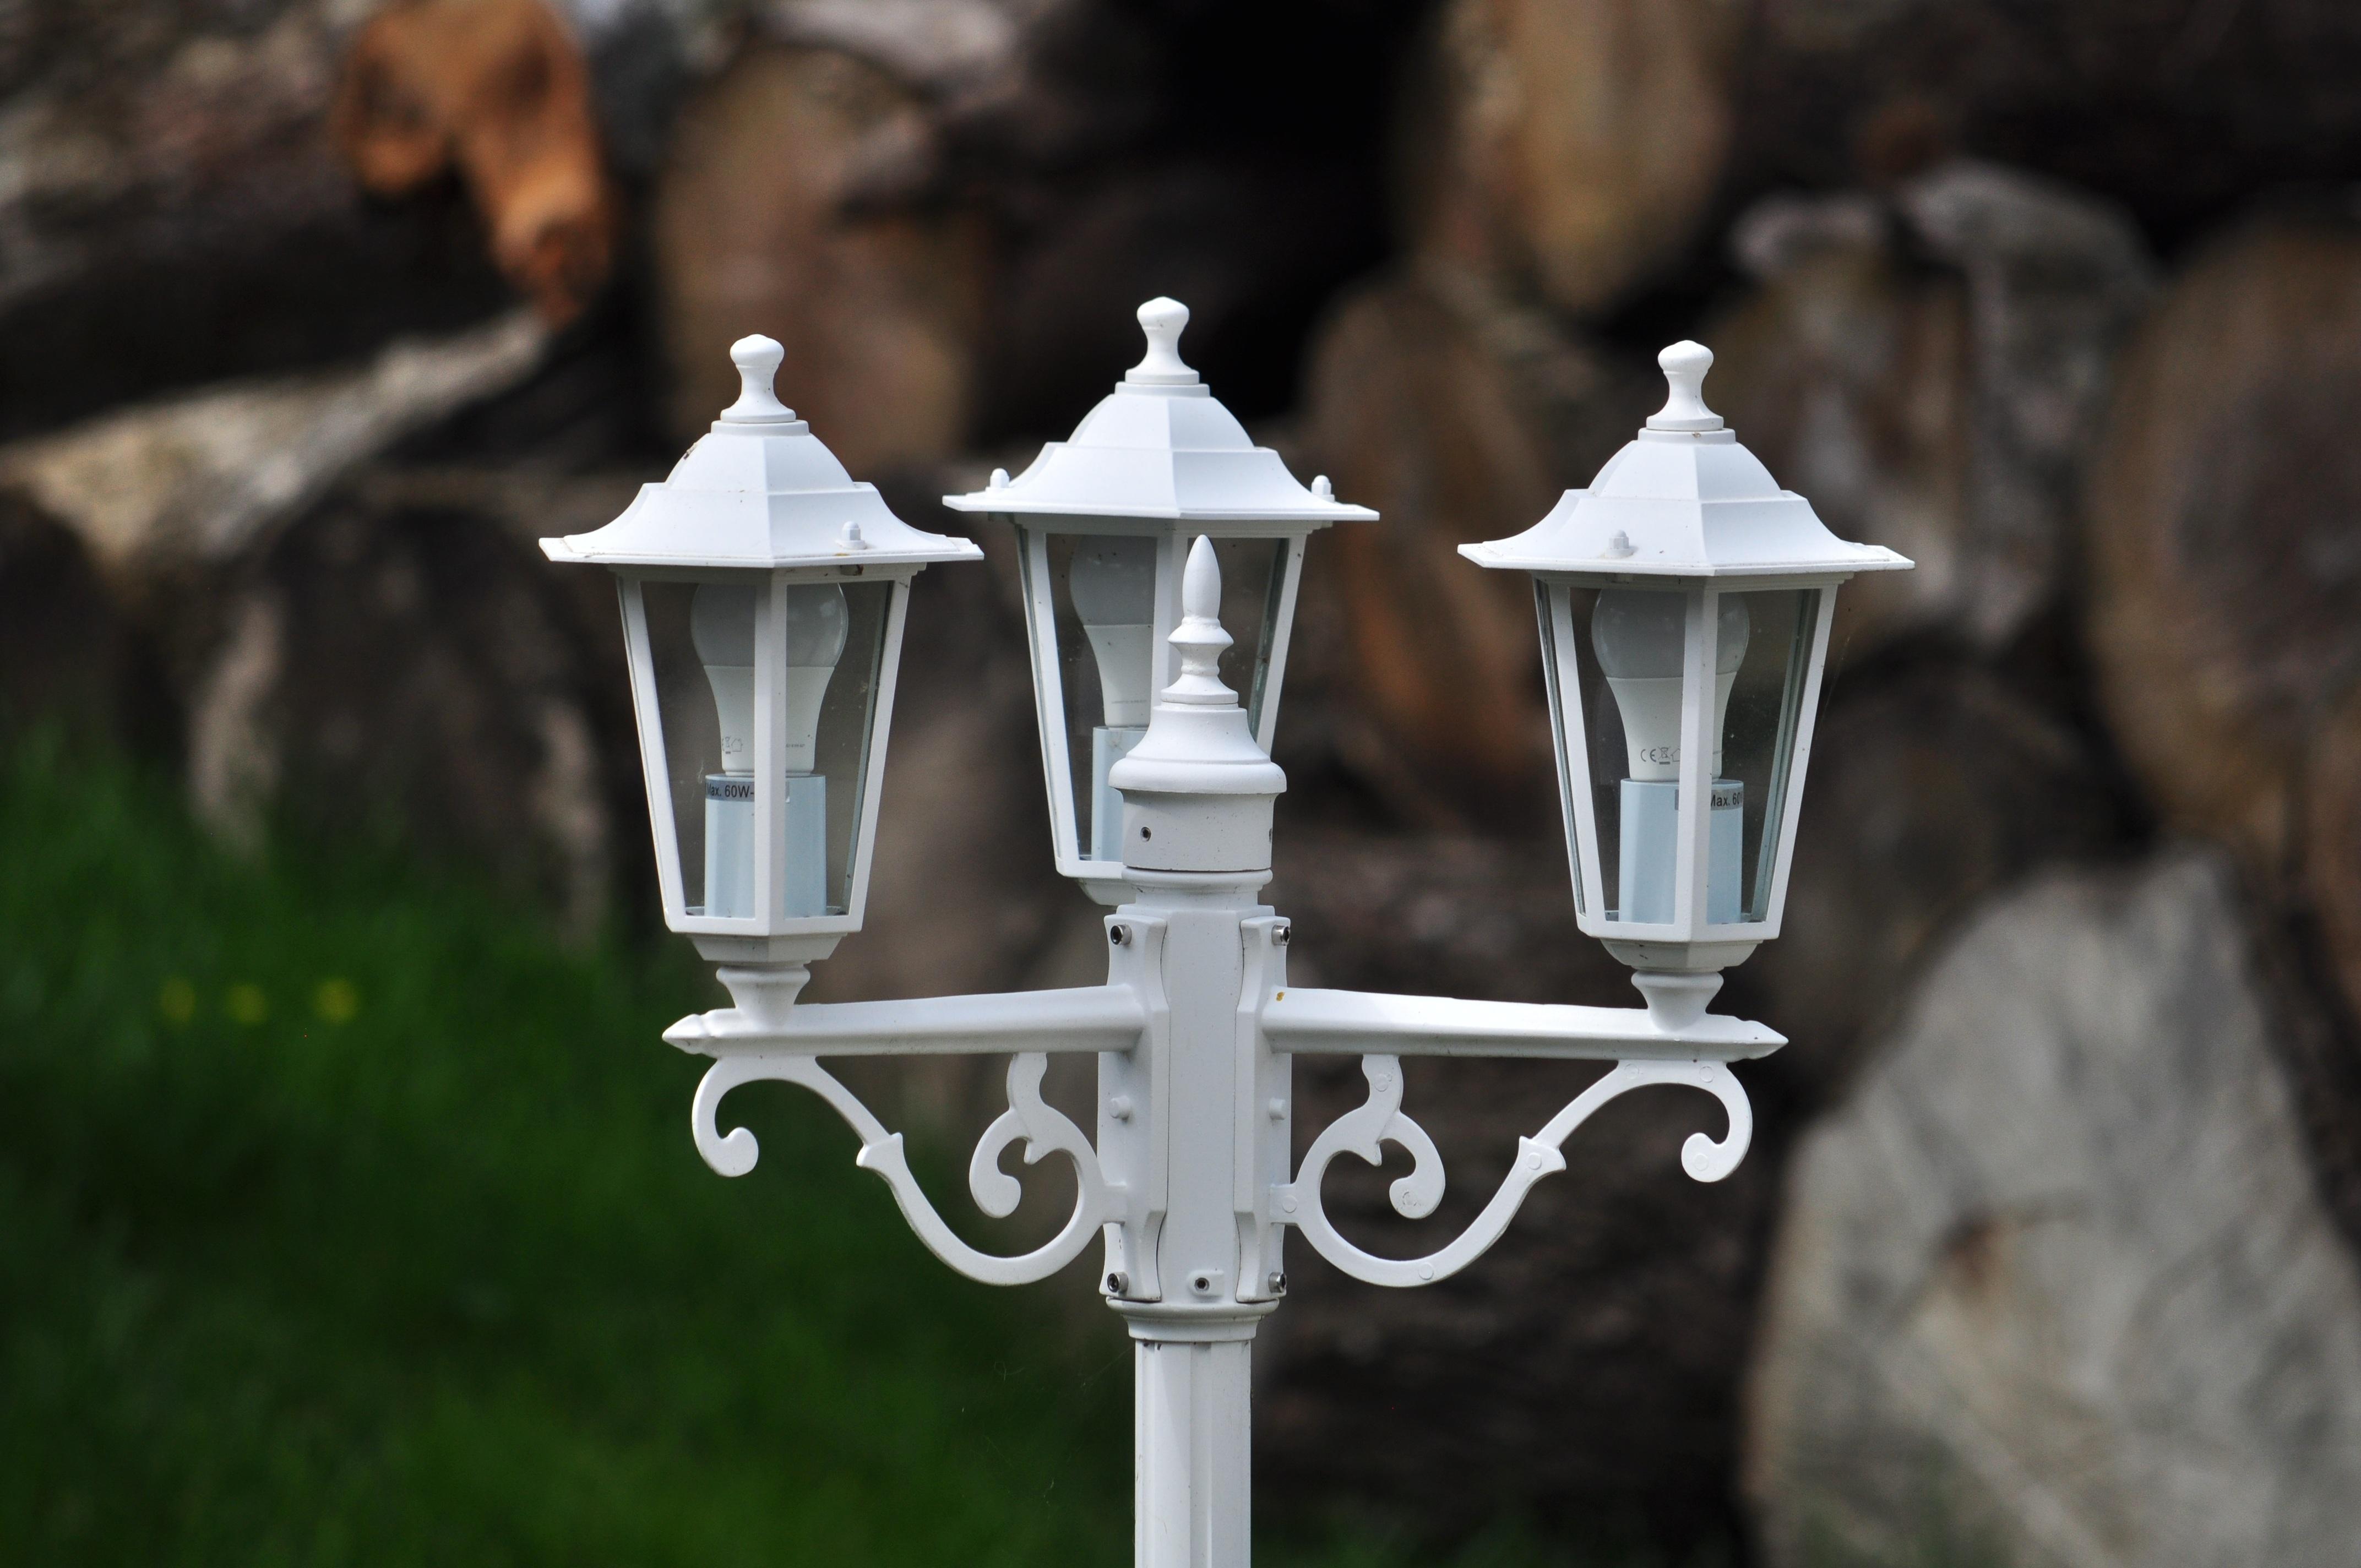 Outdoor Light Post White Old Bulb Street Lamp Lighting Decor Streetlight Outside Streetlamp